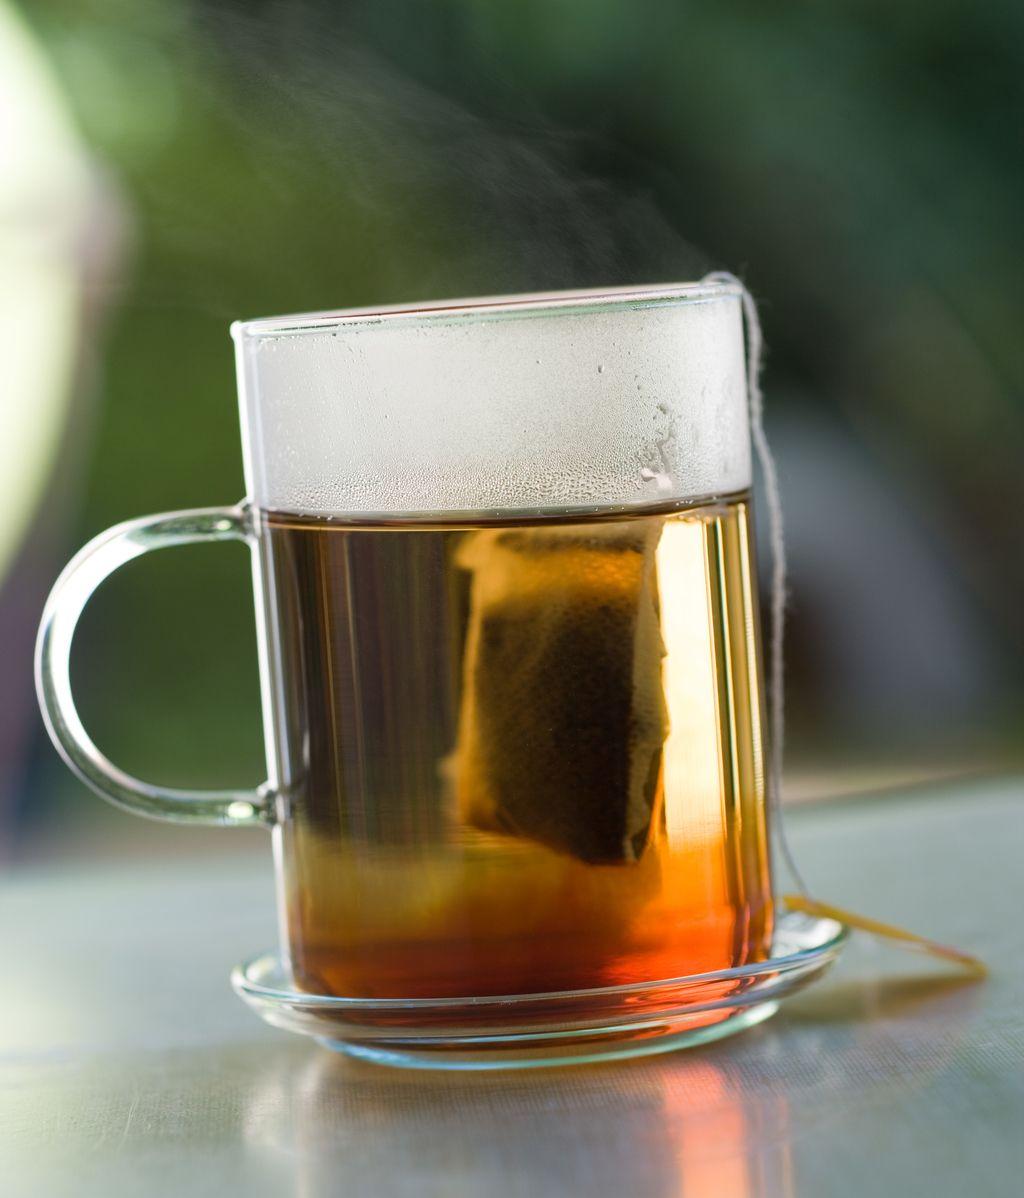 Los múltiples beneficios para la salud que no conocías del té